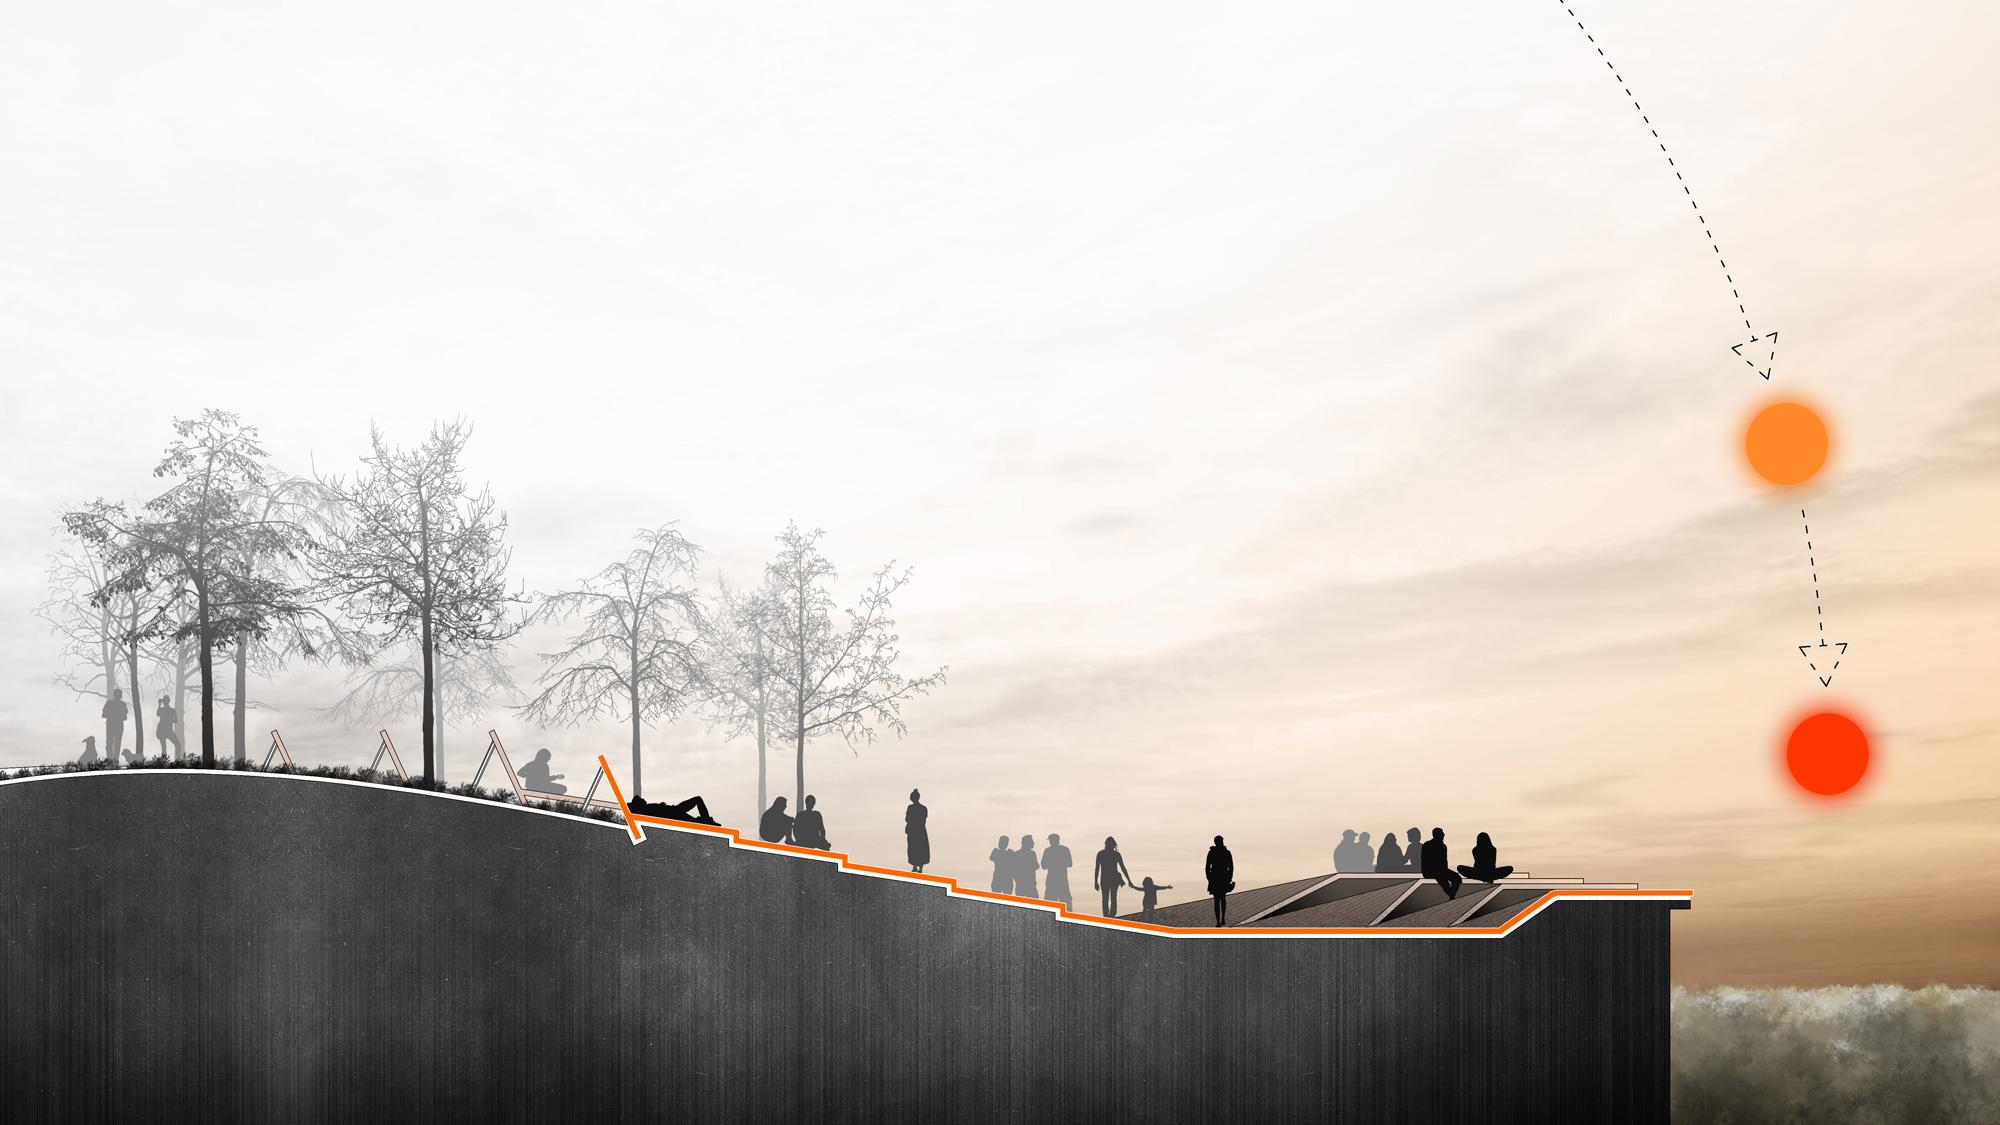 Concept © Studio Evren Başbuğ Architects